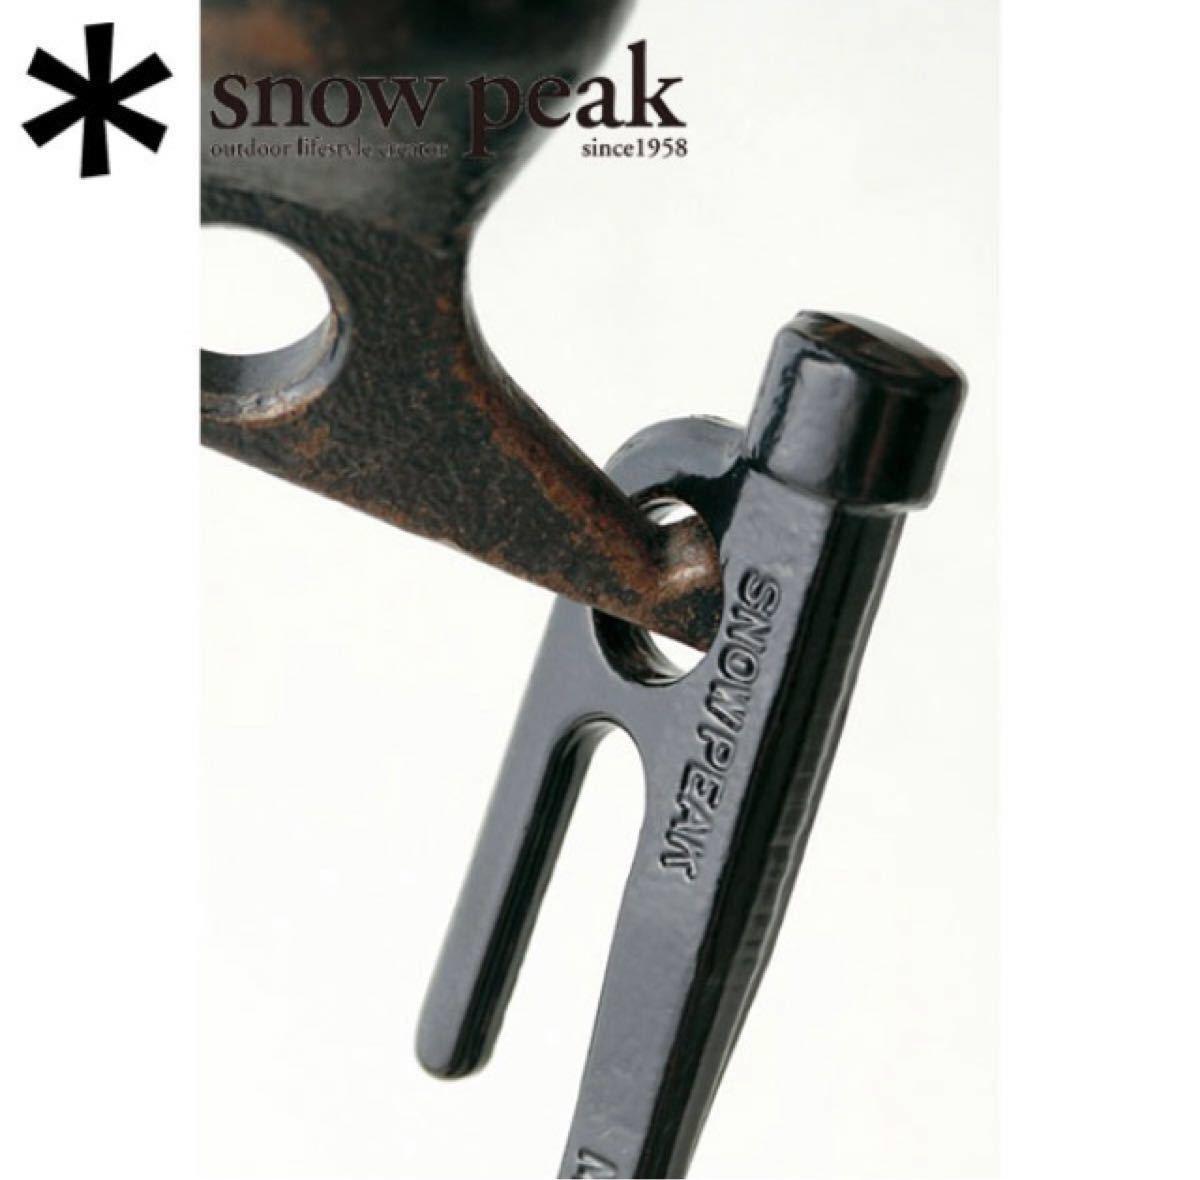 スノーピーク ペグ ソリッドステーク 30 R-103 snowpeak x12